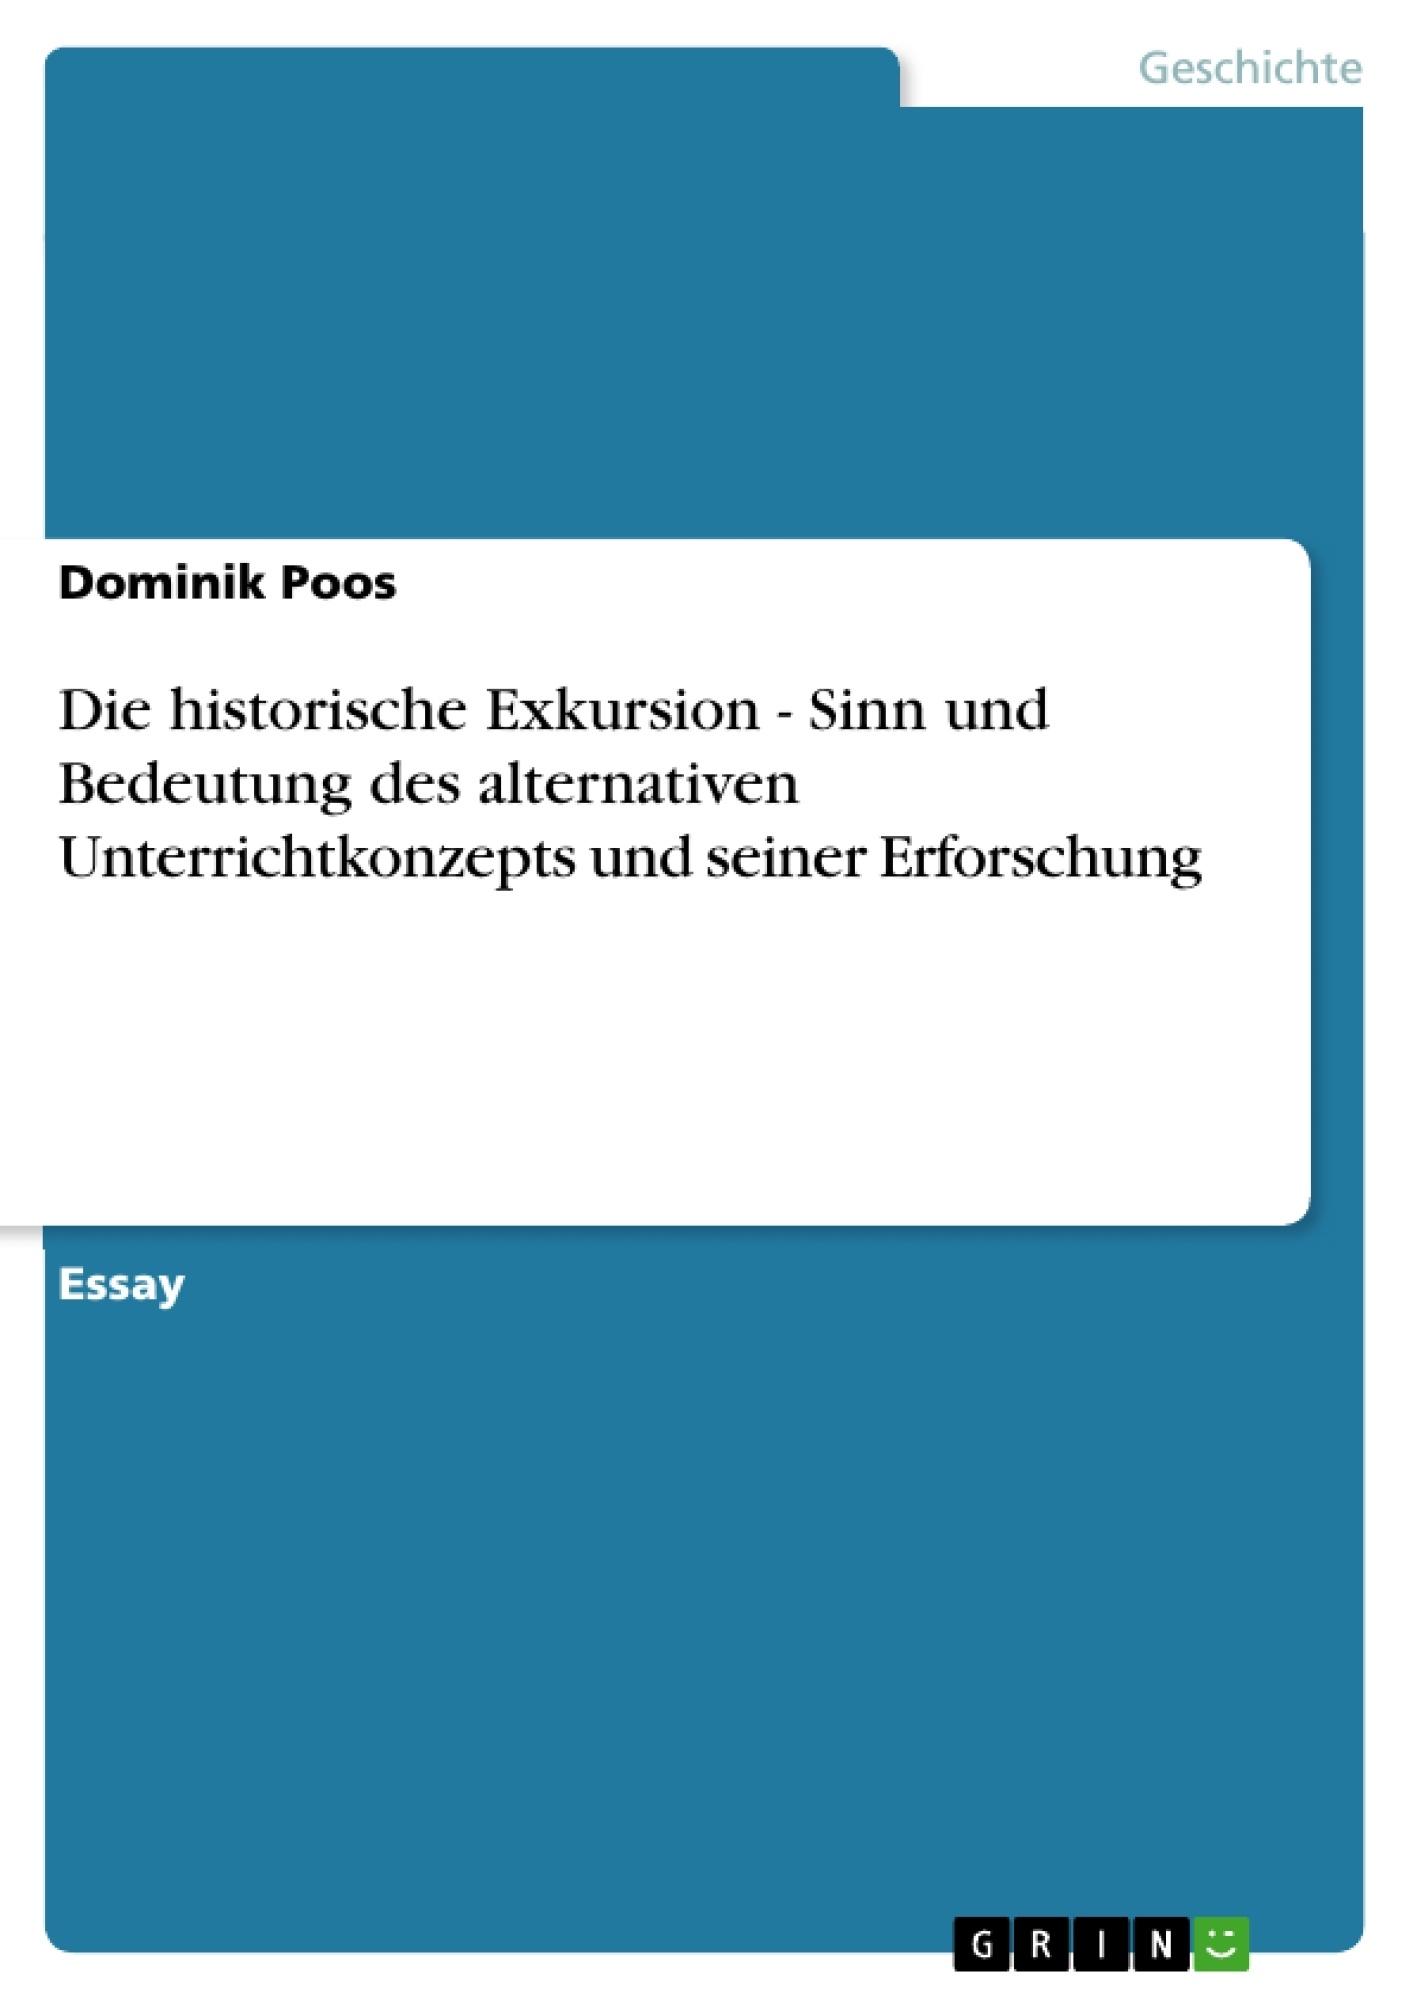 Titel: Die historische Exkursion - Sinn und Bedeutung des alternativen Unterrichtkonzepts und seiner Erforschung